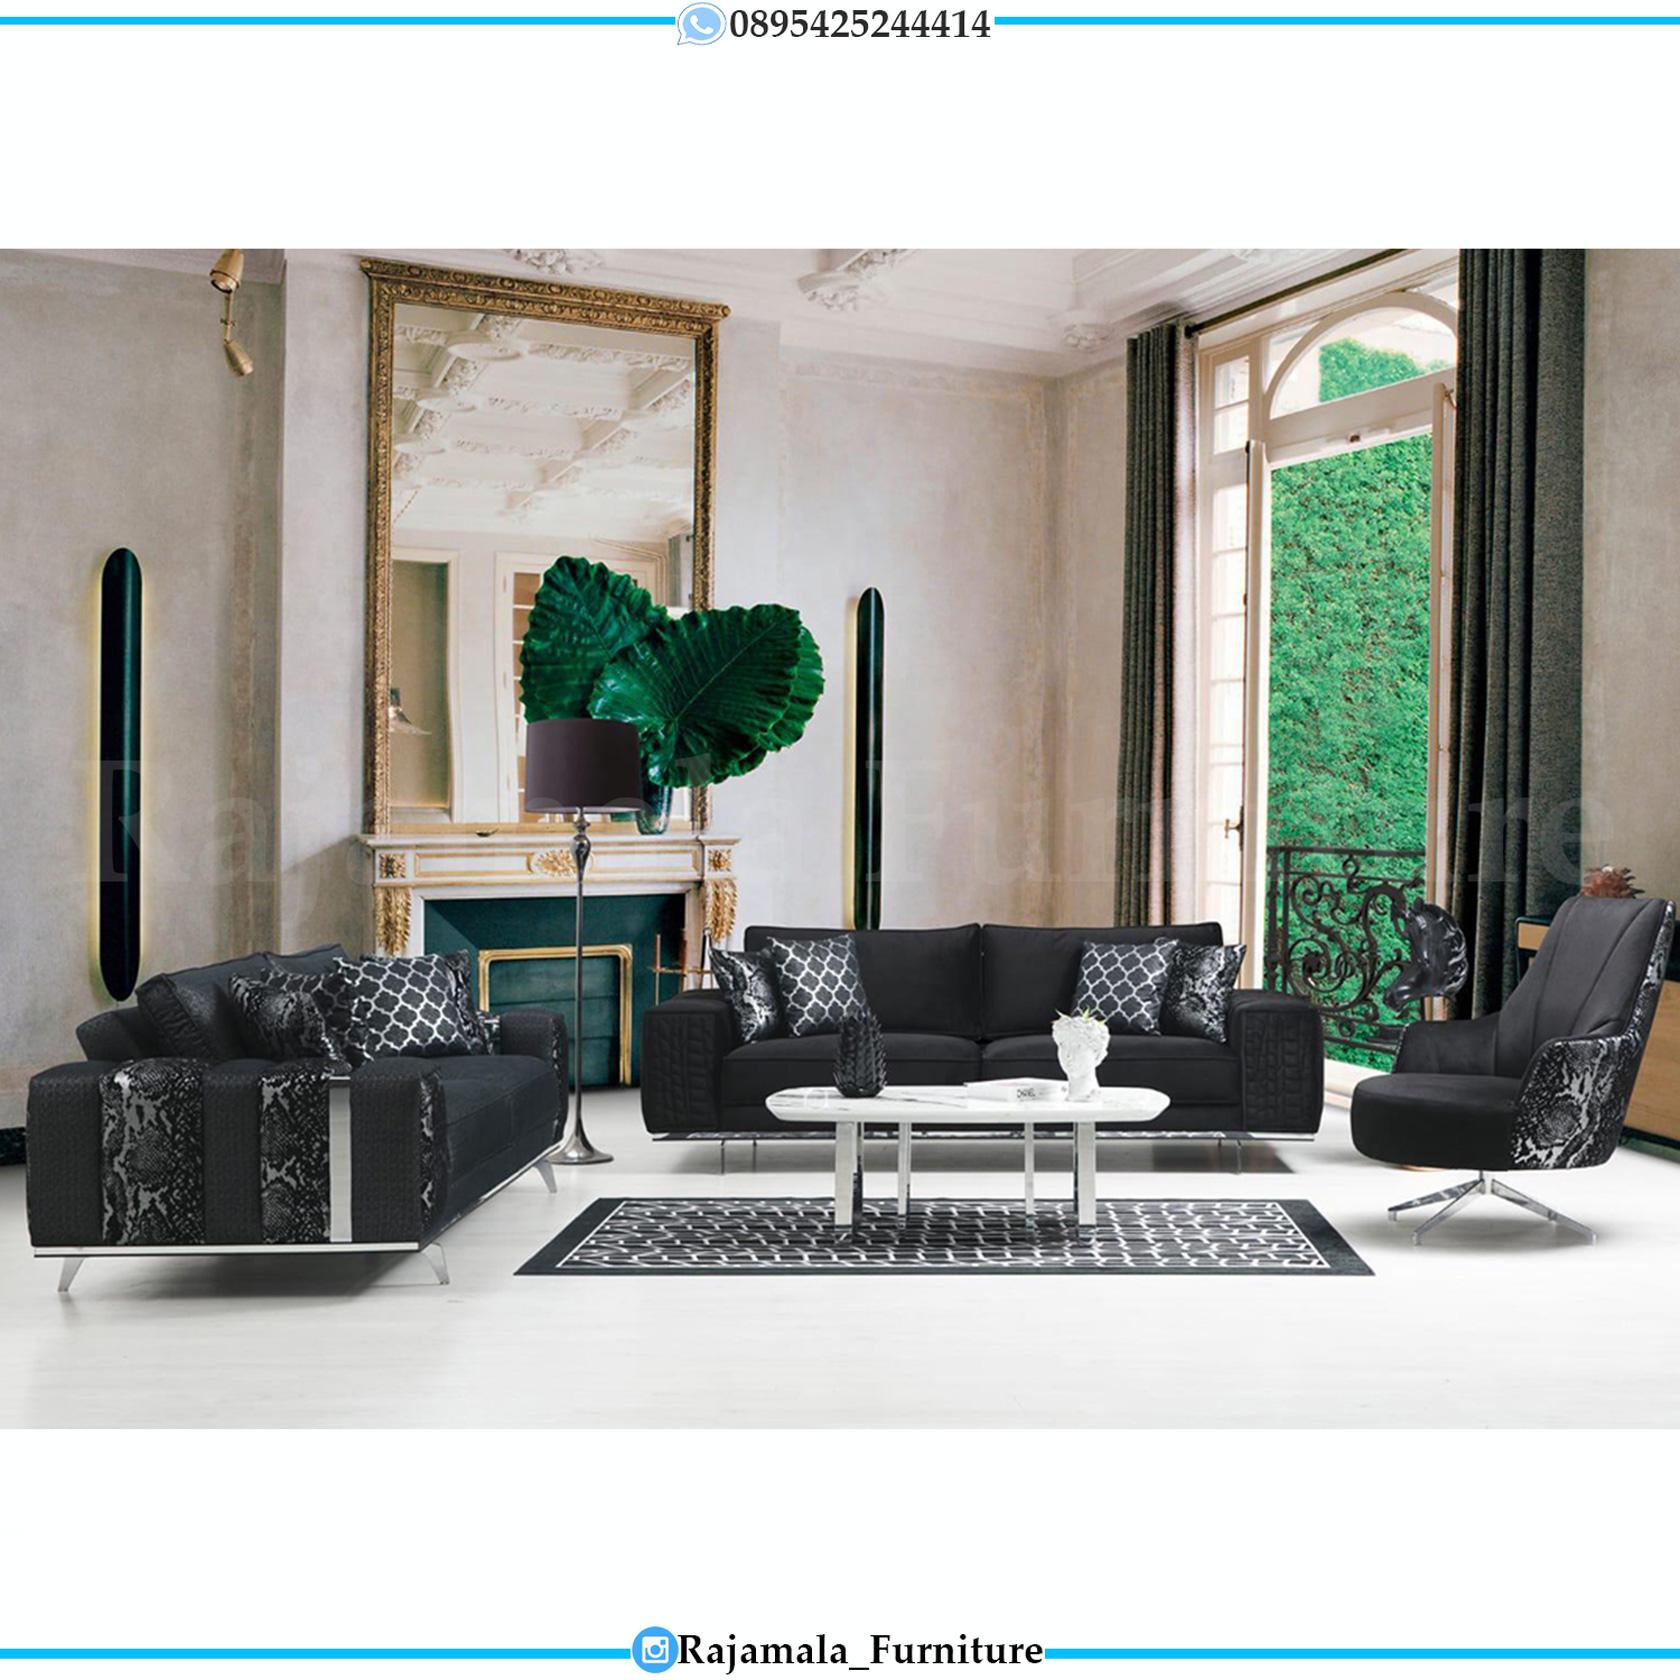 Desain Sofa Ruang Tamu Minimalis Luxury Furniture Jepara RM-0146